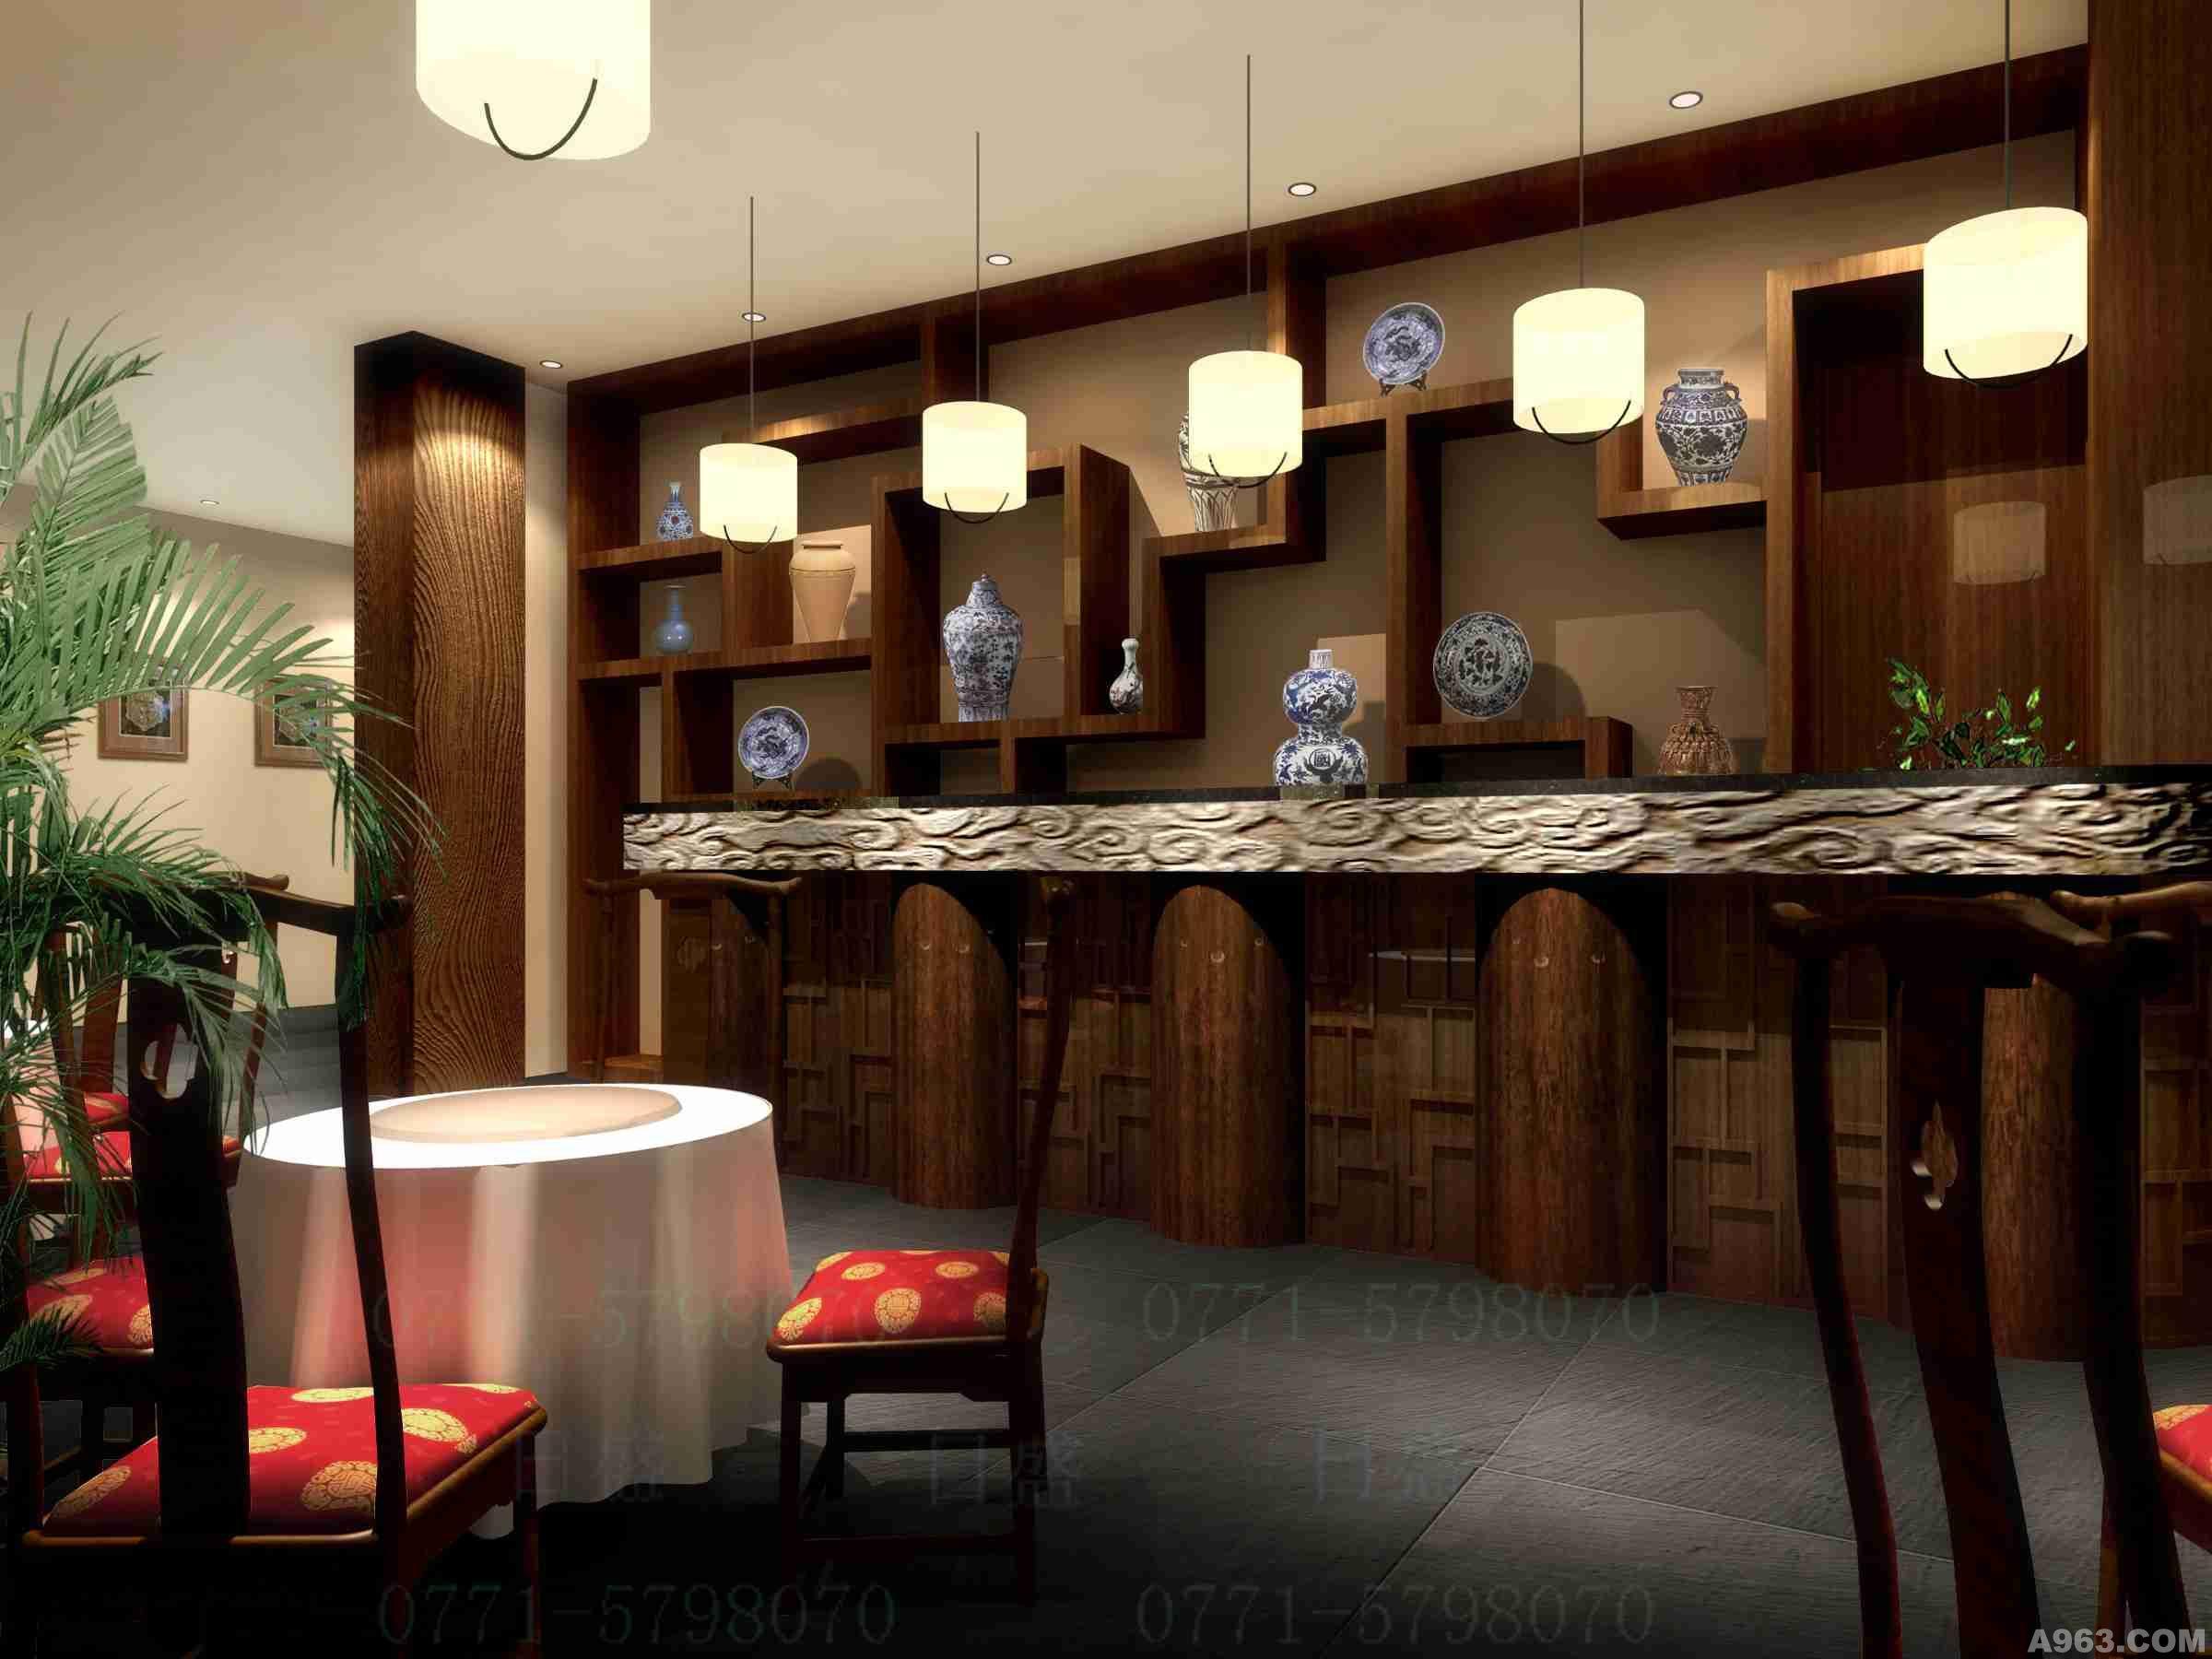 浅谈桂林本土设计之现状 广西南宁欣绘数码效果图工作室简介 广西丽谷